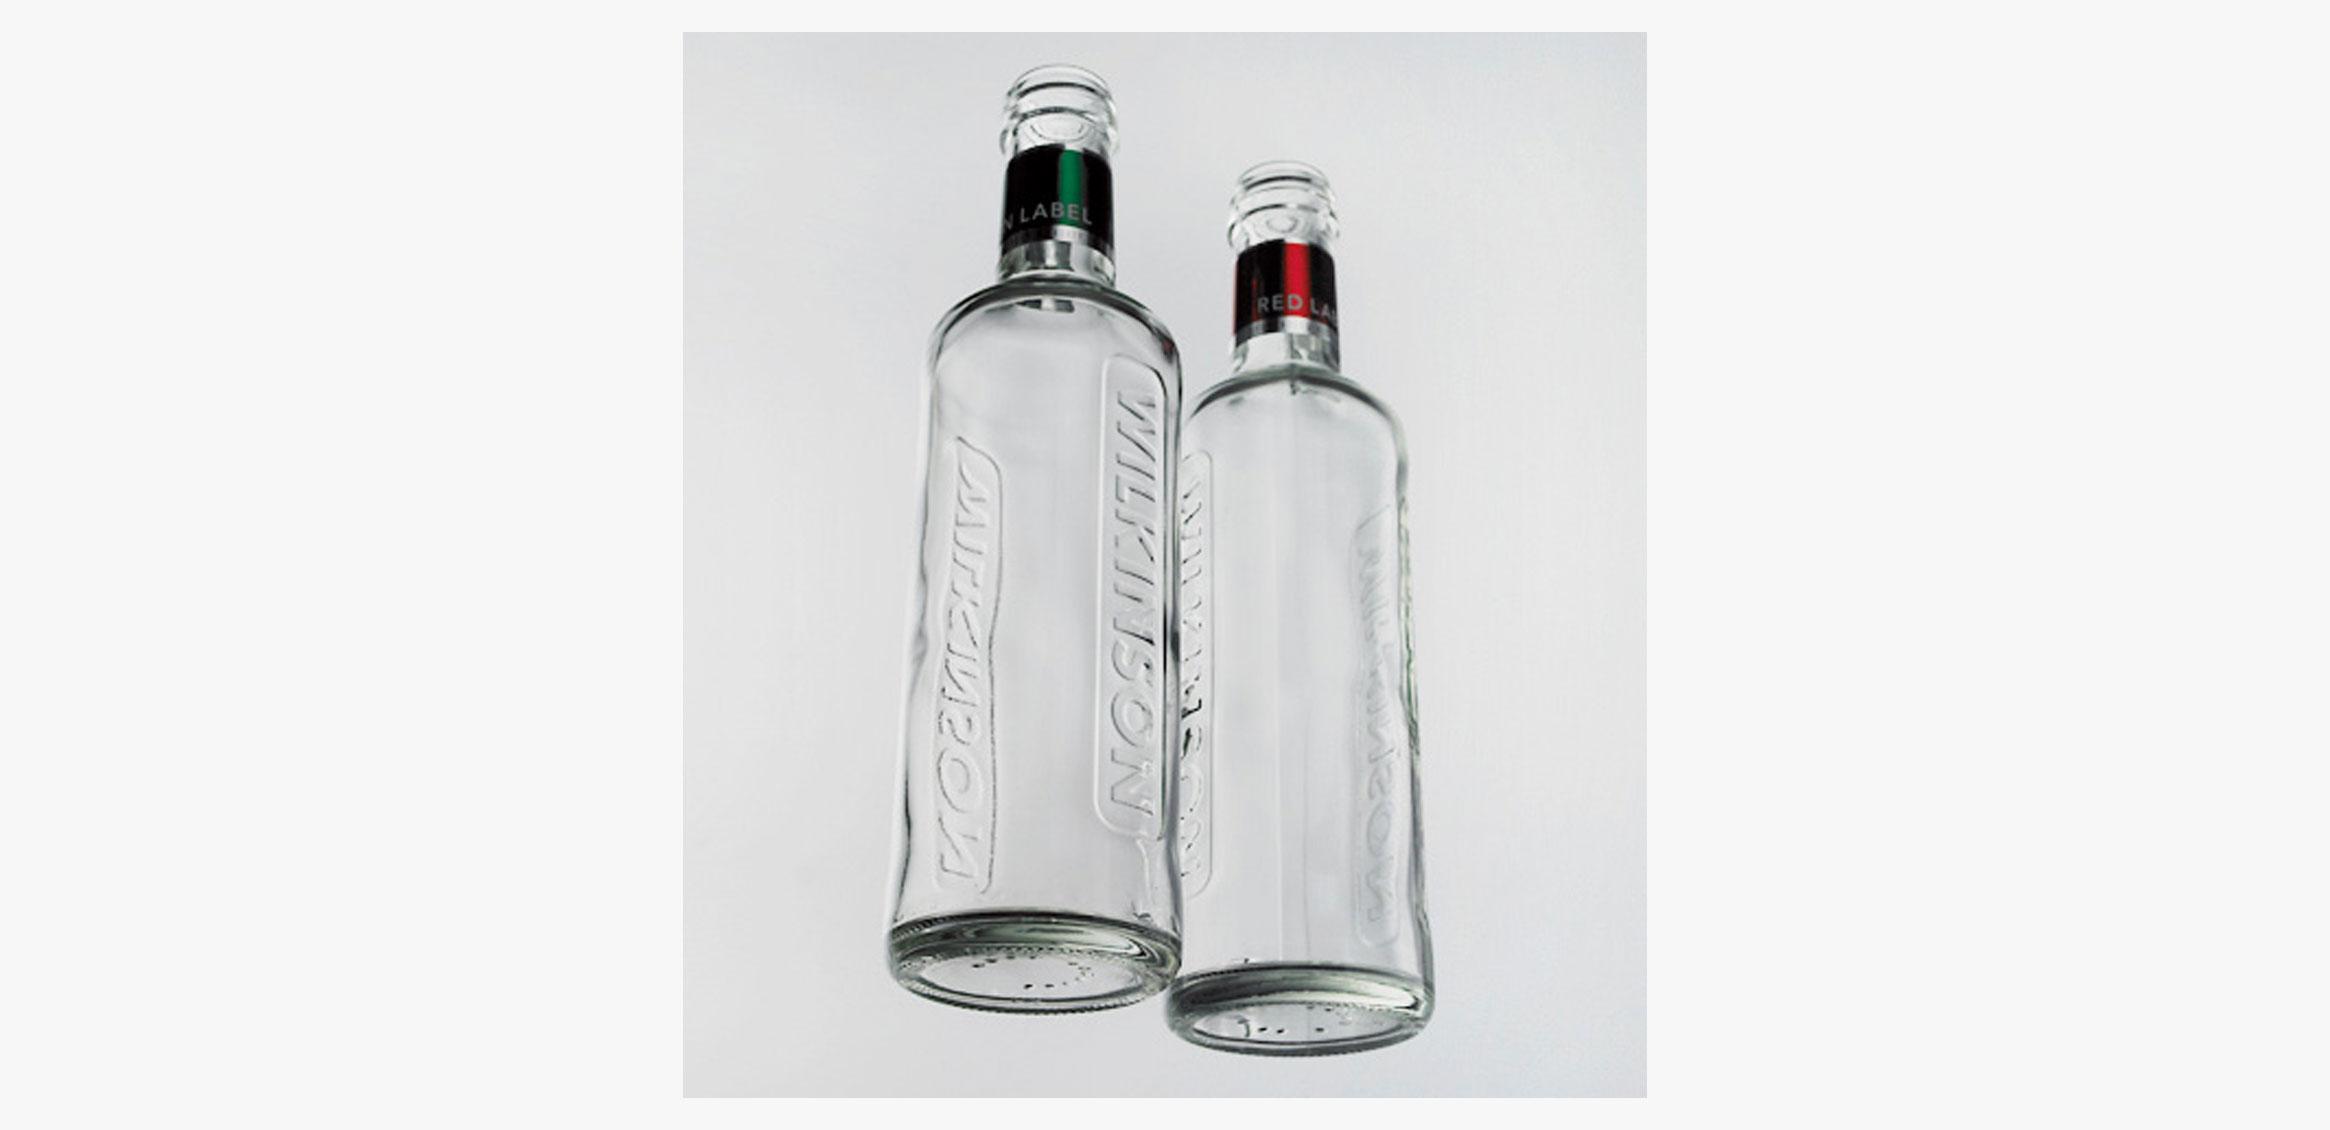 ウィルキンソン ボトルデザイン0枚目